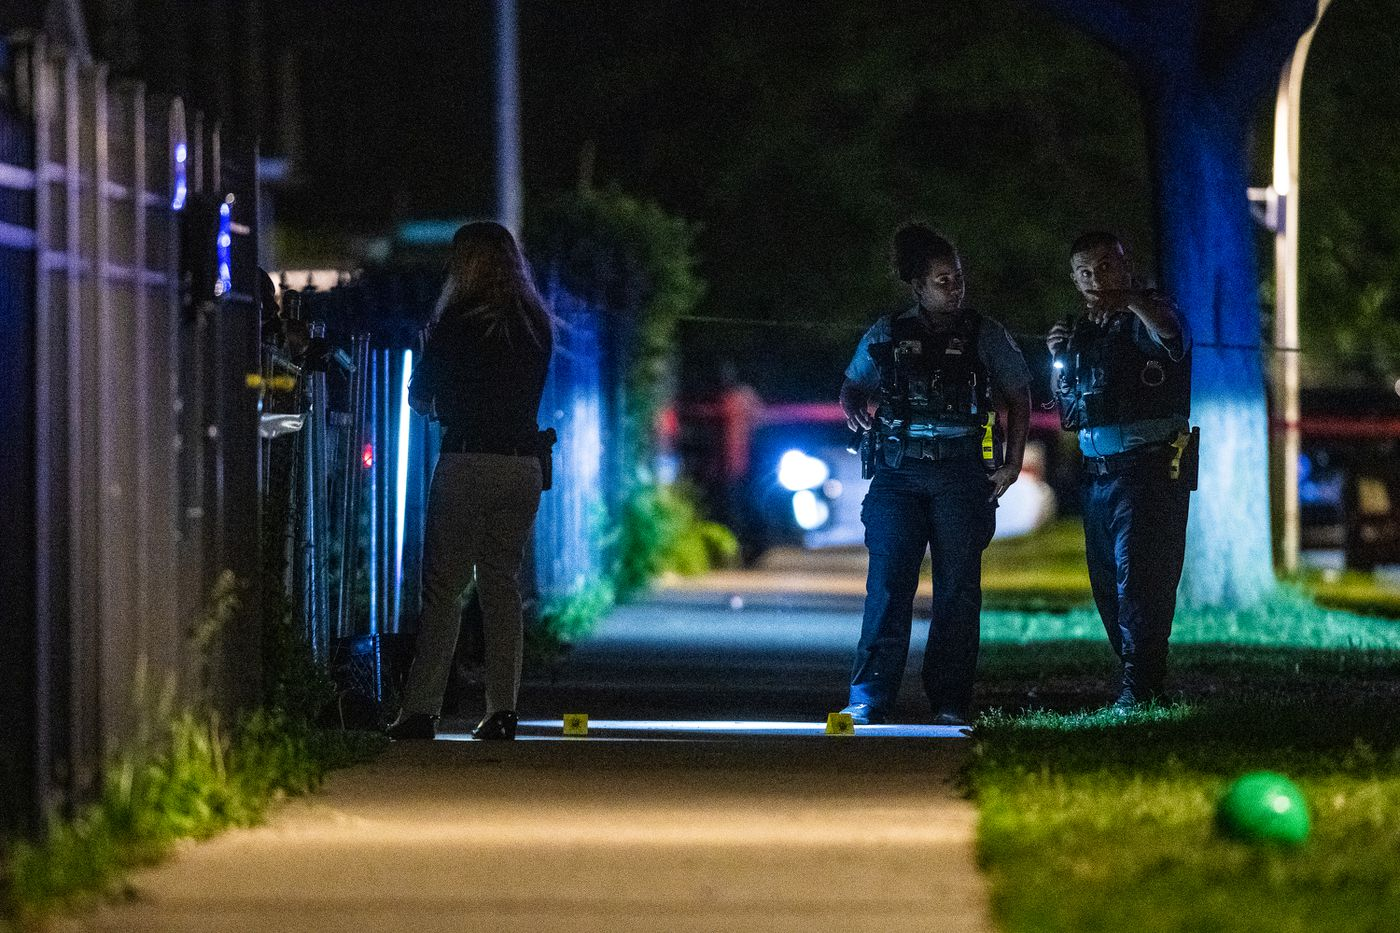 Weekend shootings roundup: 52 shot, 8 killed in weekend gun